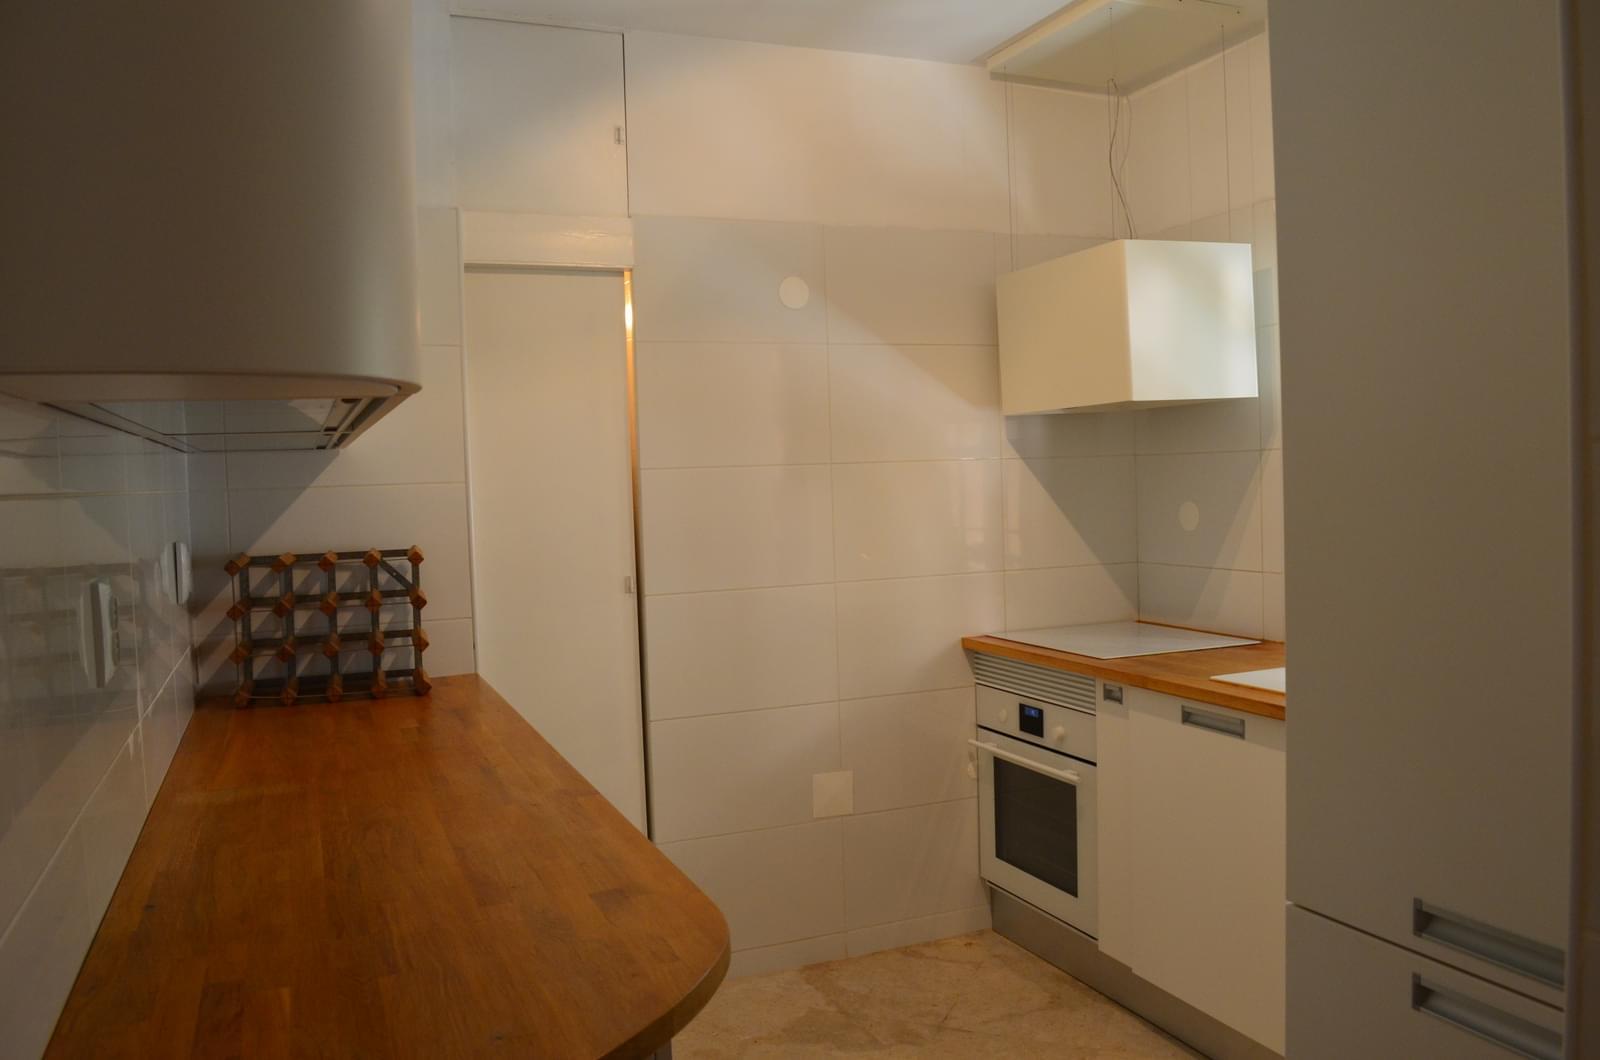 pf17565-apartamento-t3-lisboa-2aed3618-1175-4eb5-bf48-1640b036af3f